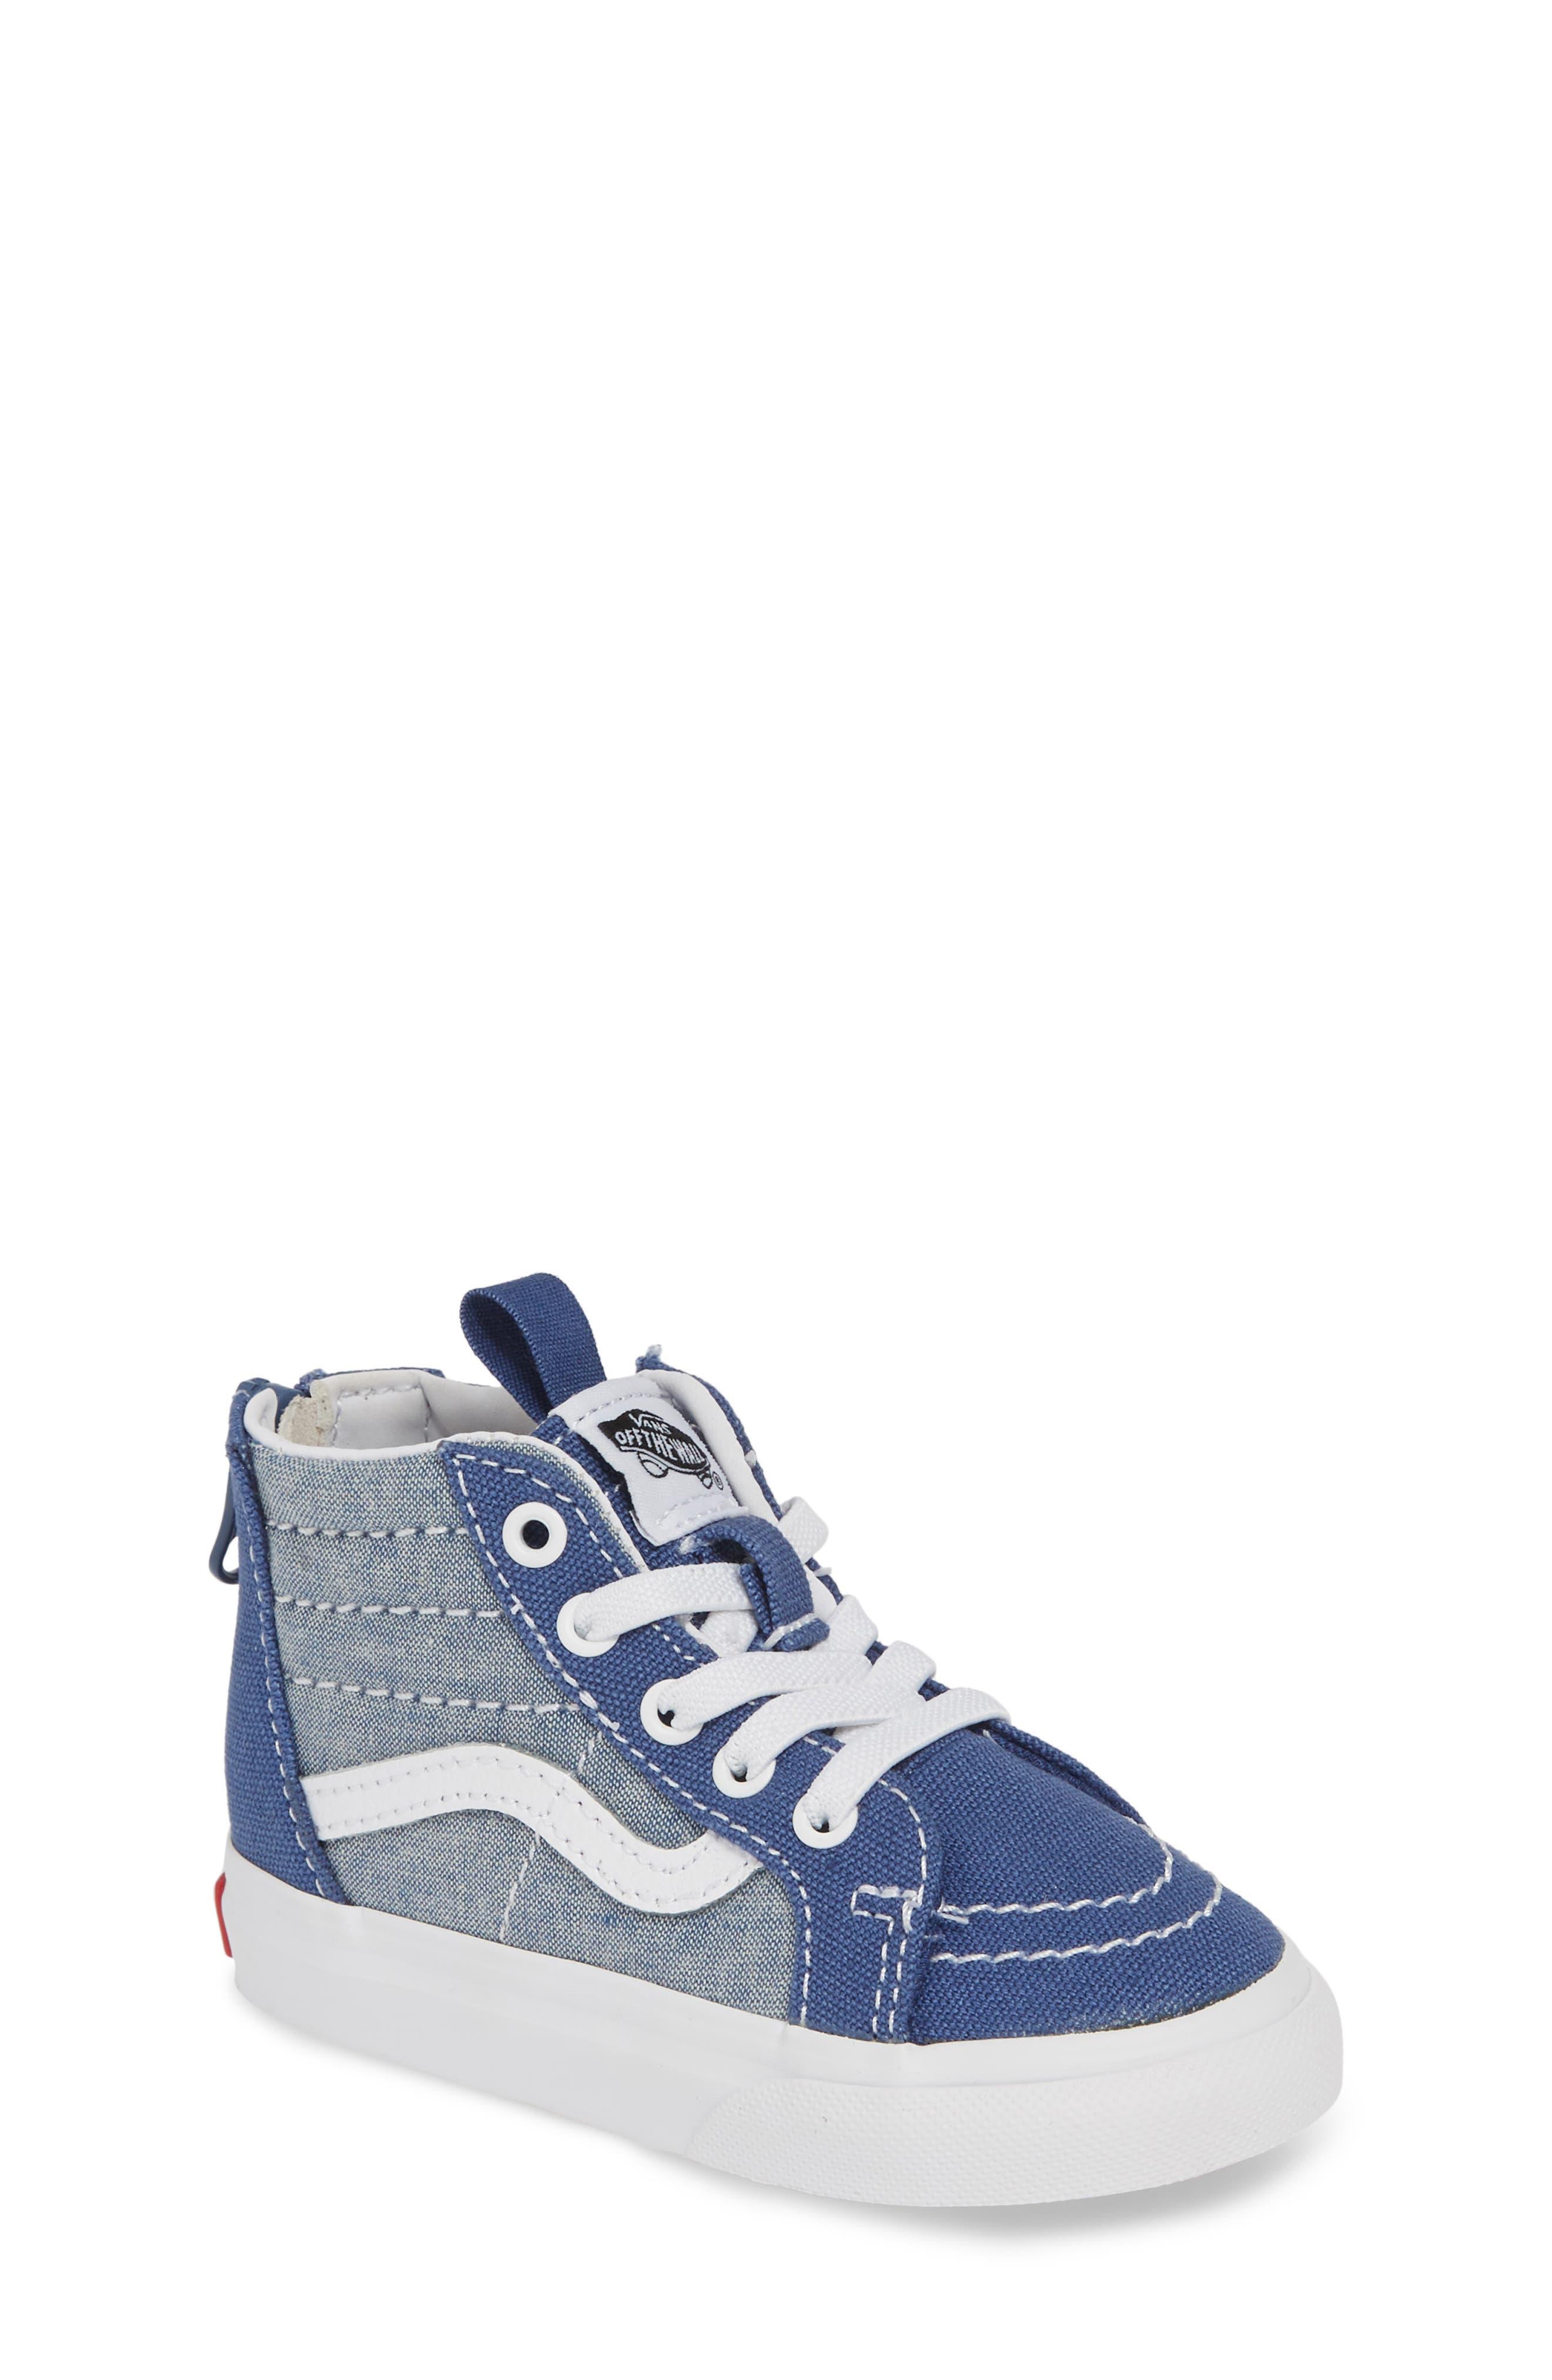 VANS, 'Sk8-Hi' Sneaker, Main thumbnail 1, color, CHAMBRAY CANVAS NAVY/ WHITE